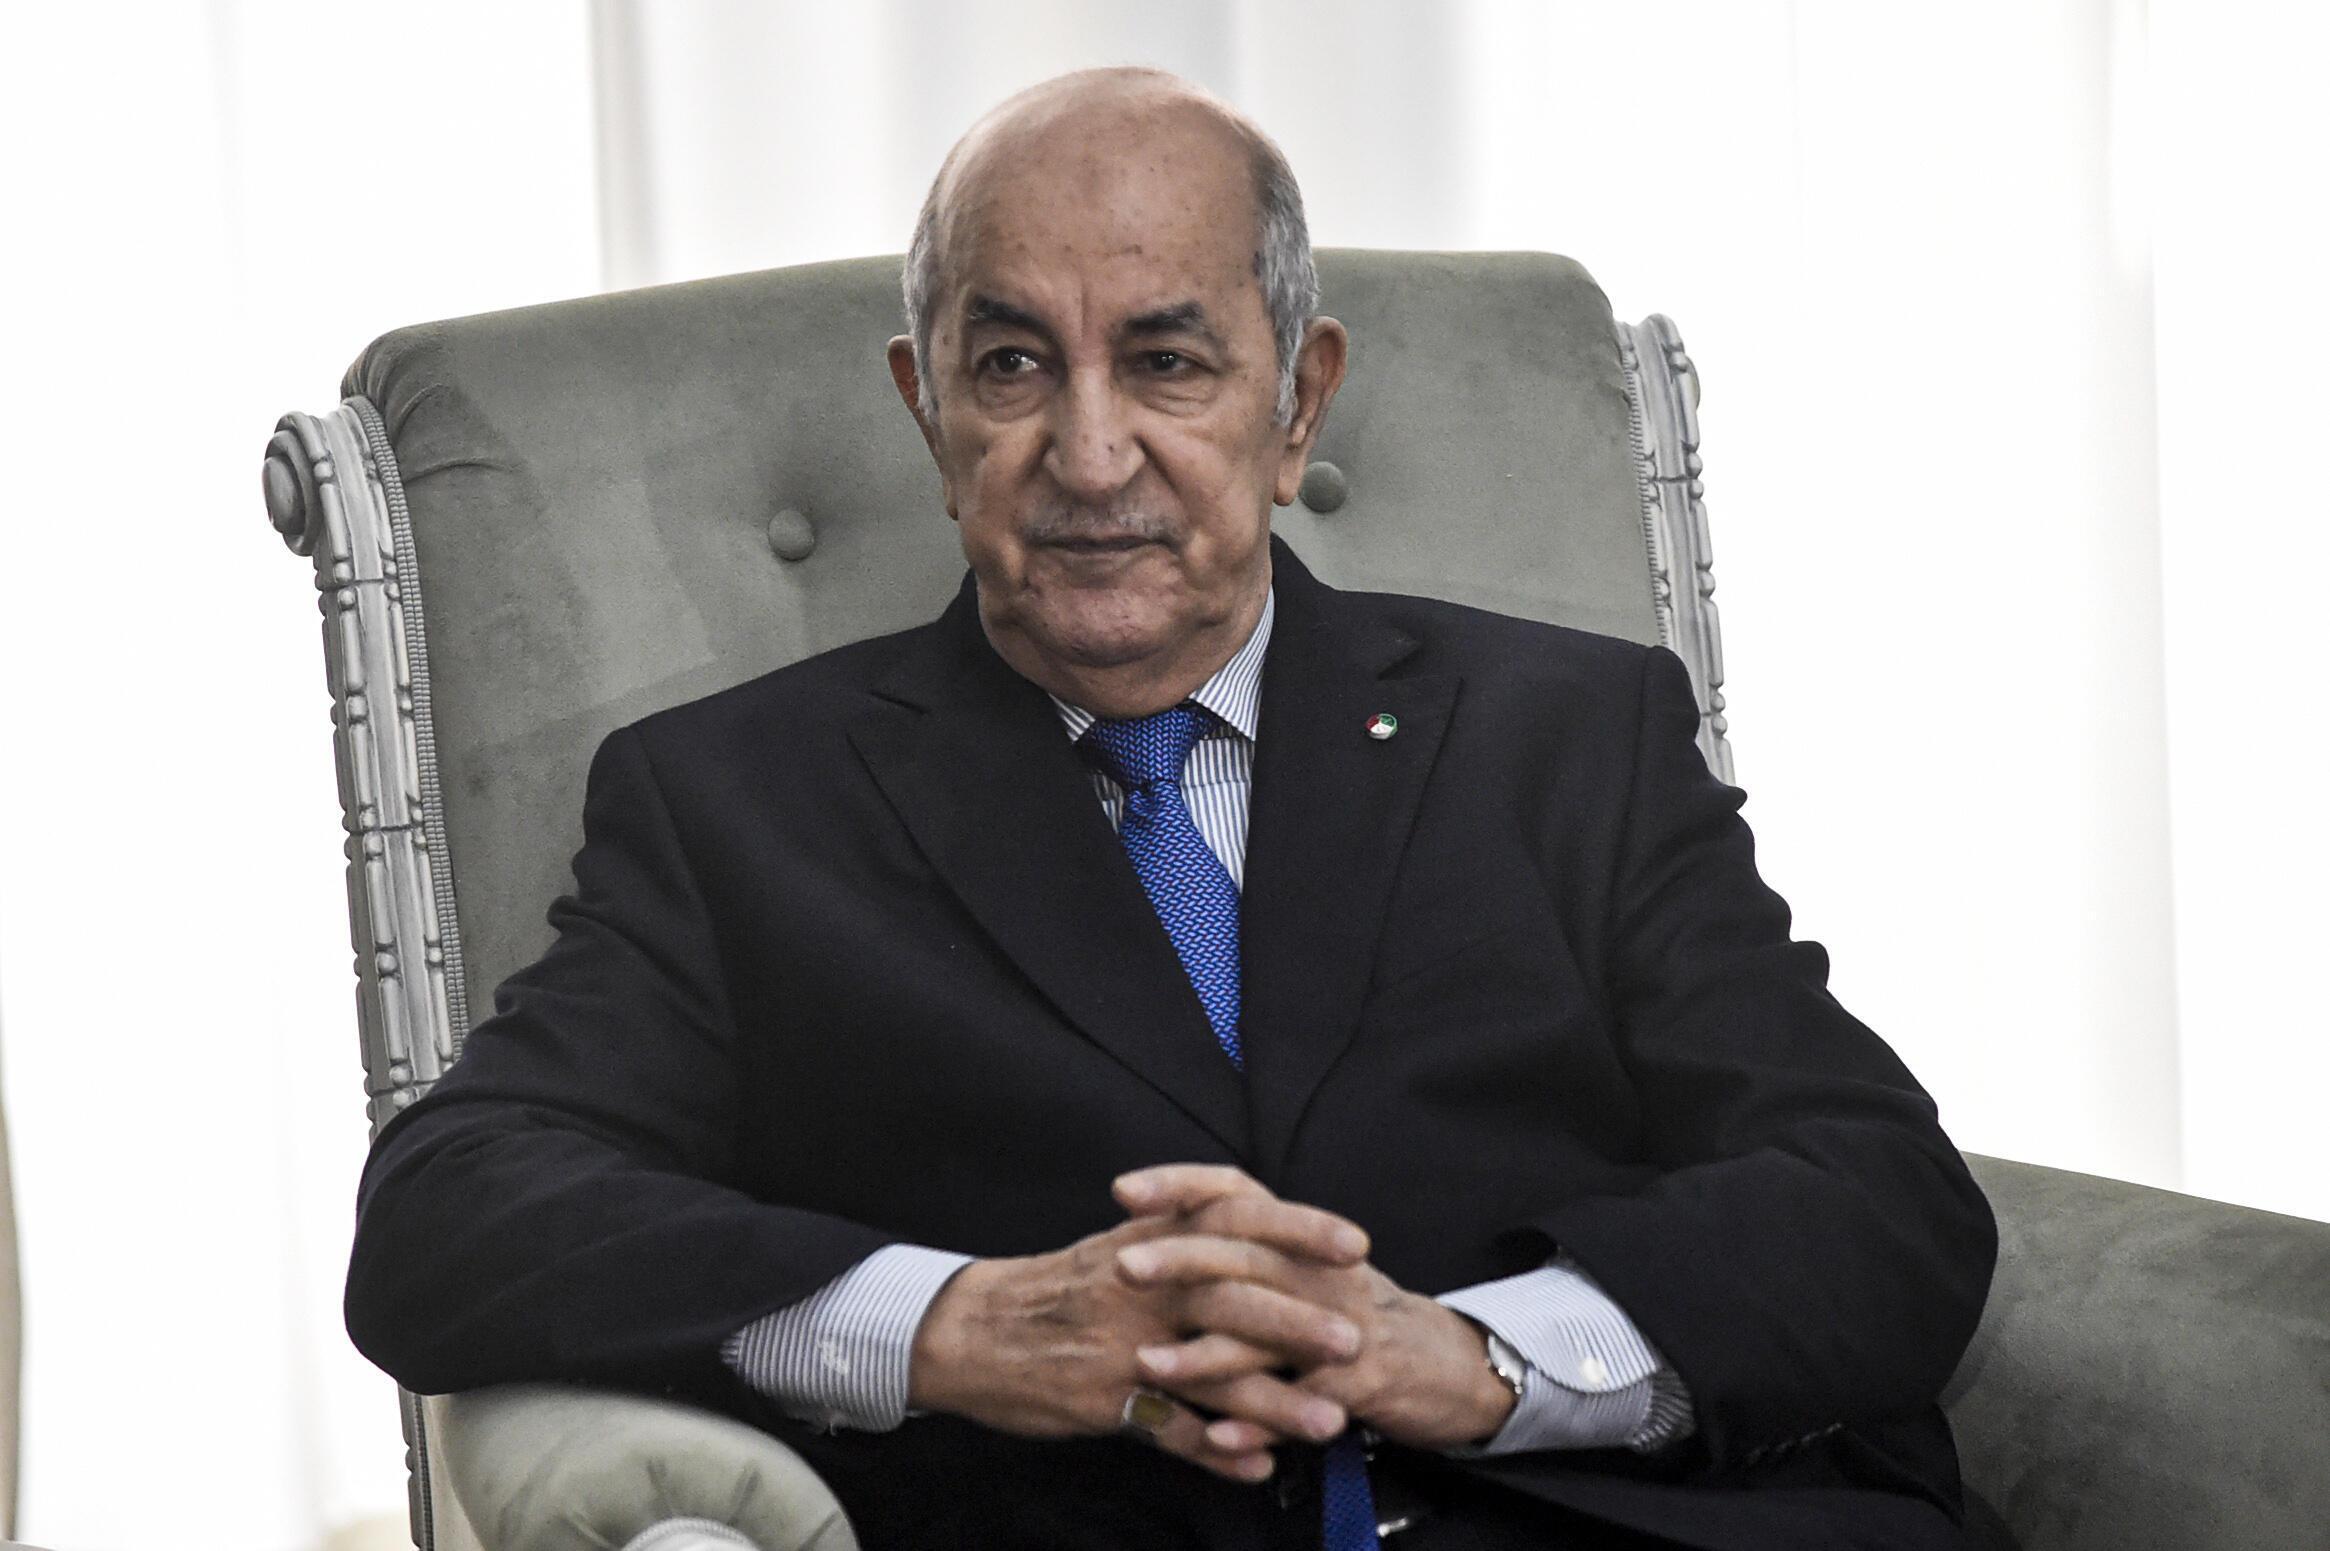 صورة من الأرشيف للرئيس الجزائري عبد المجيد تبون بتاريخ 21 كانون الثاني/يناير 2020